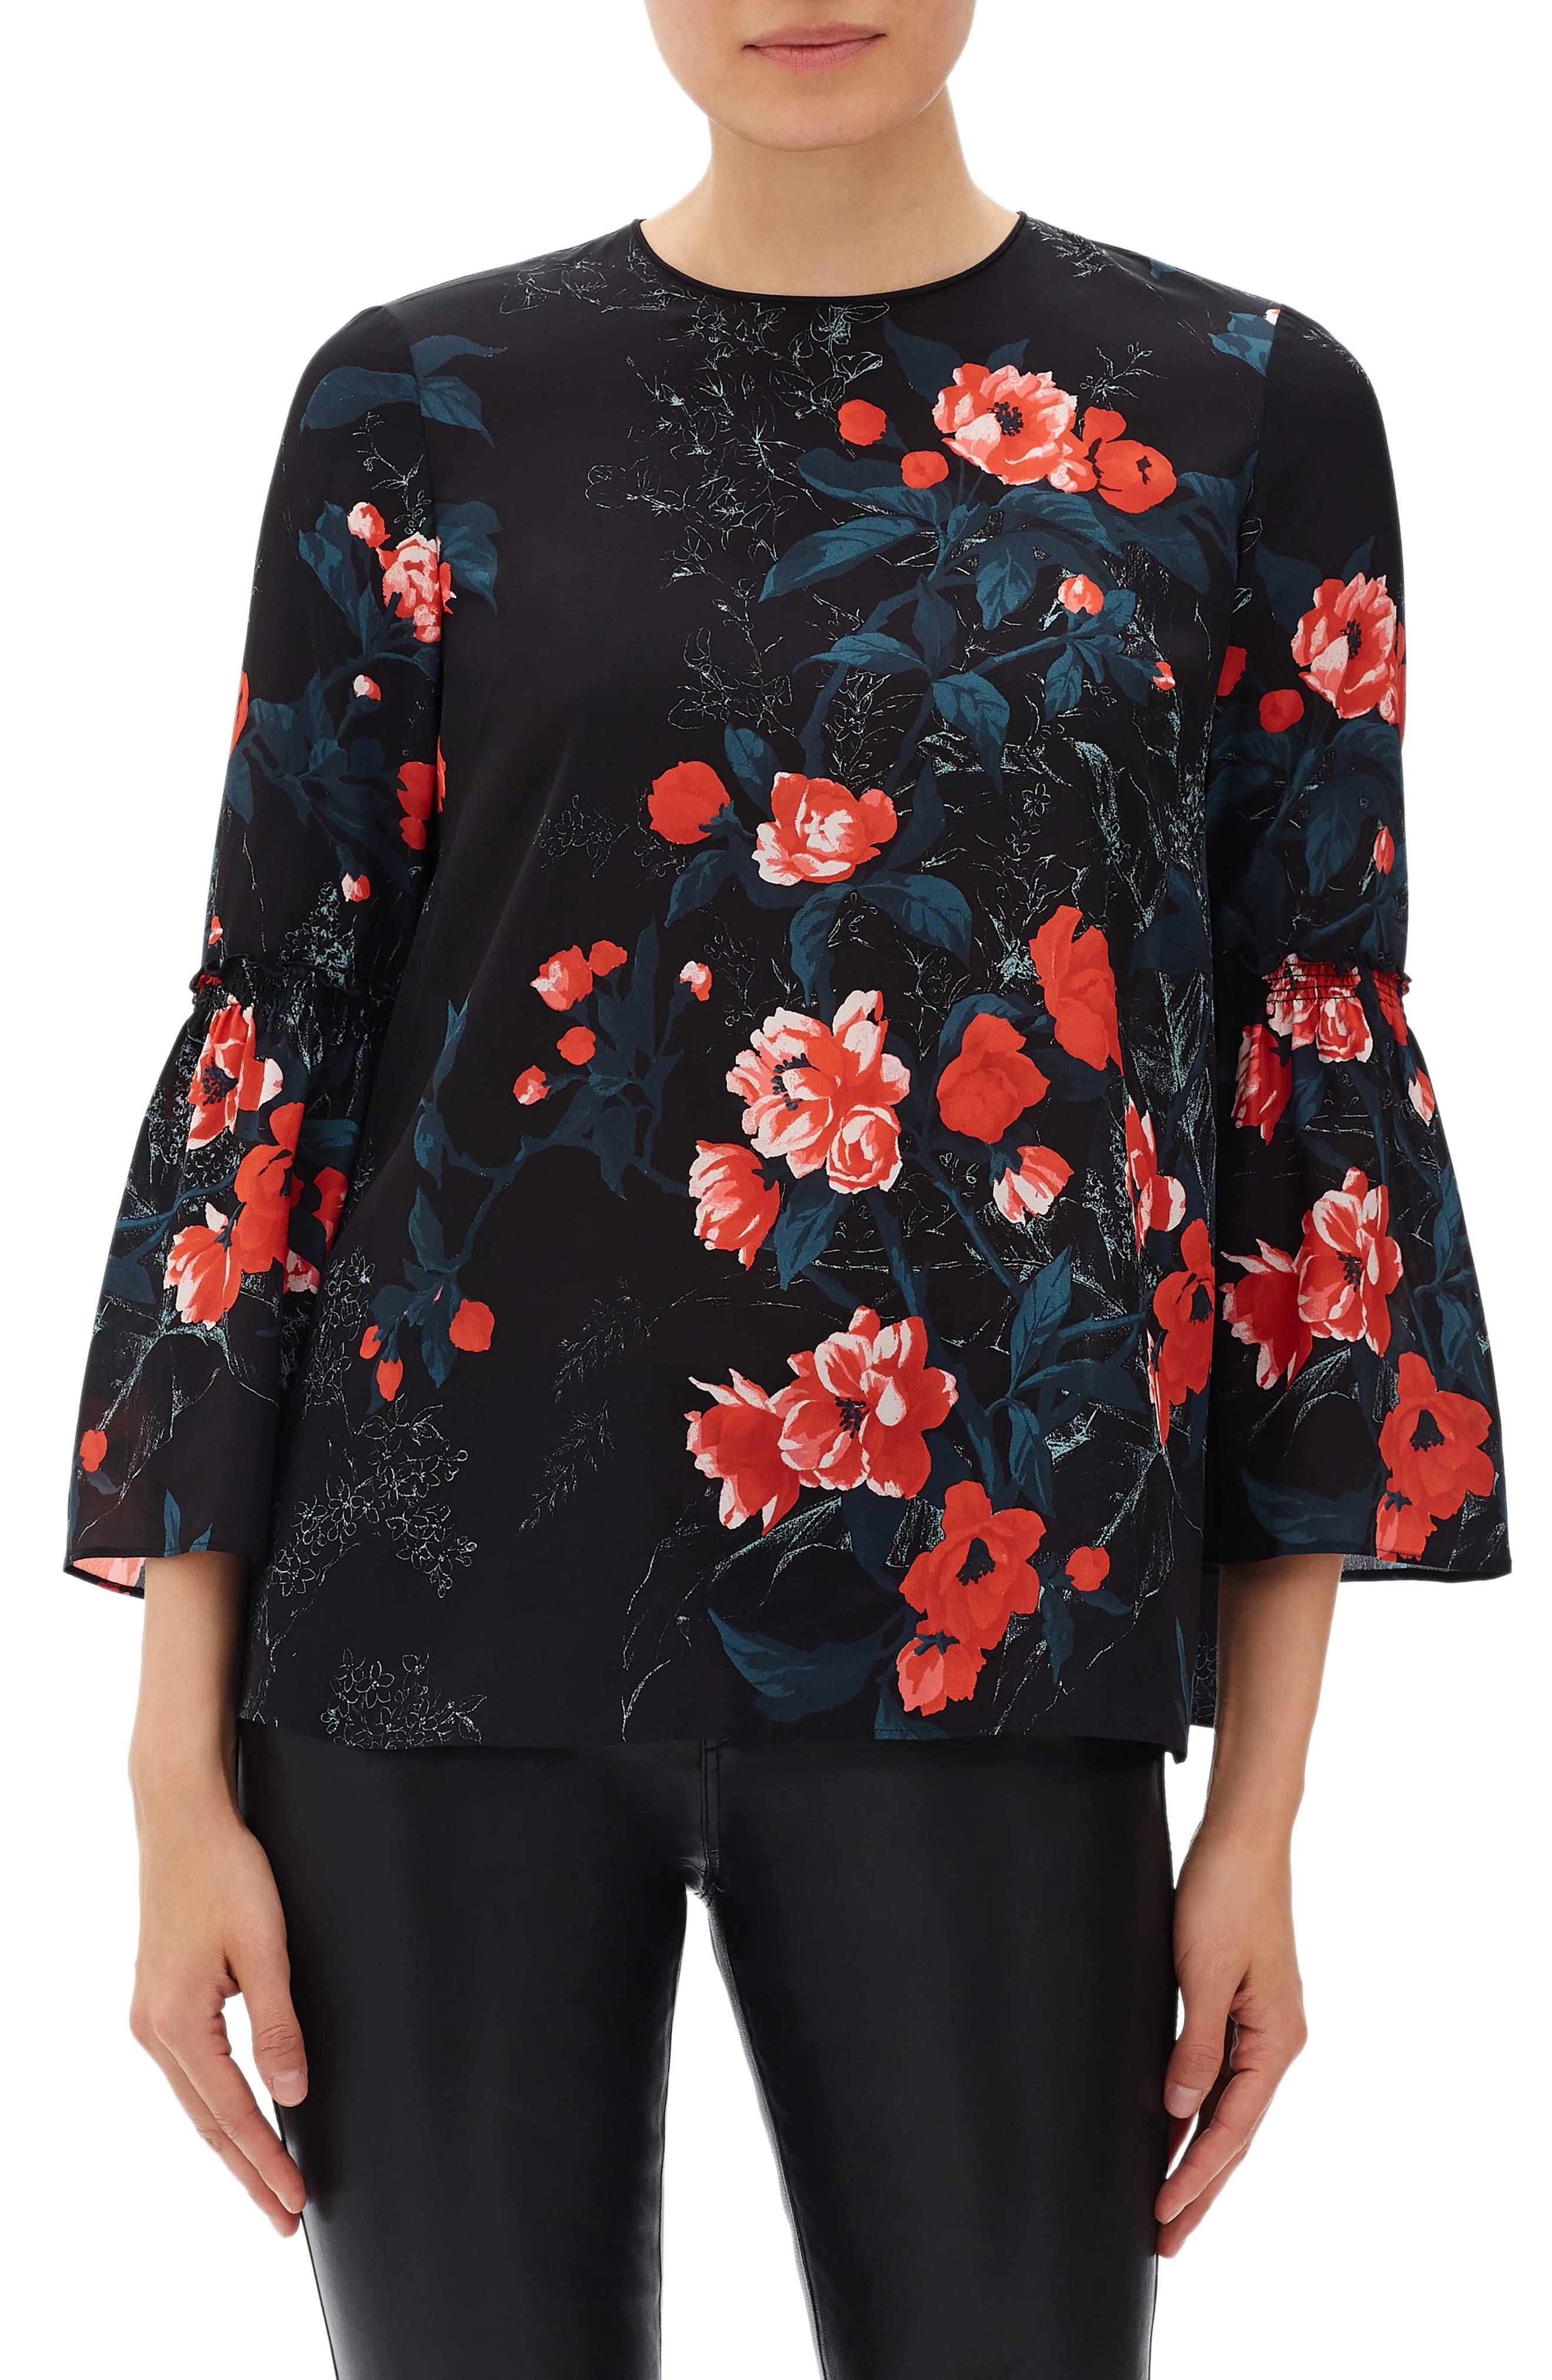 LAFAYETTE 148 Roslin Bell-Sleeve Top W/ Terrace Florets in Black Multi